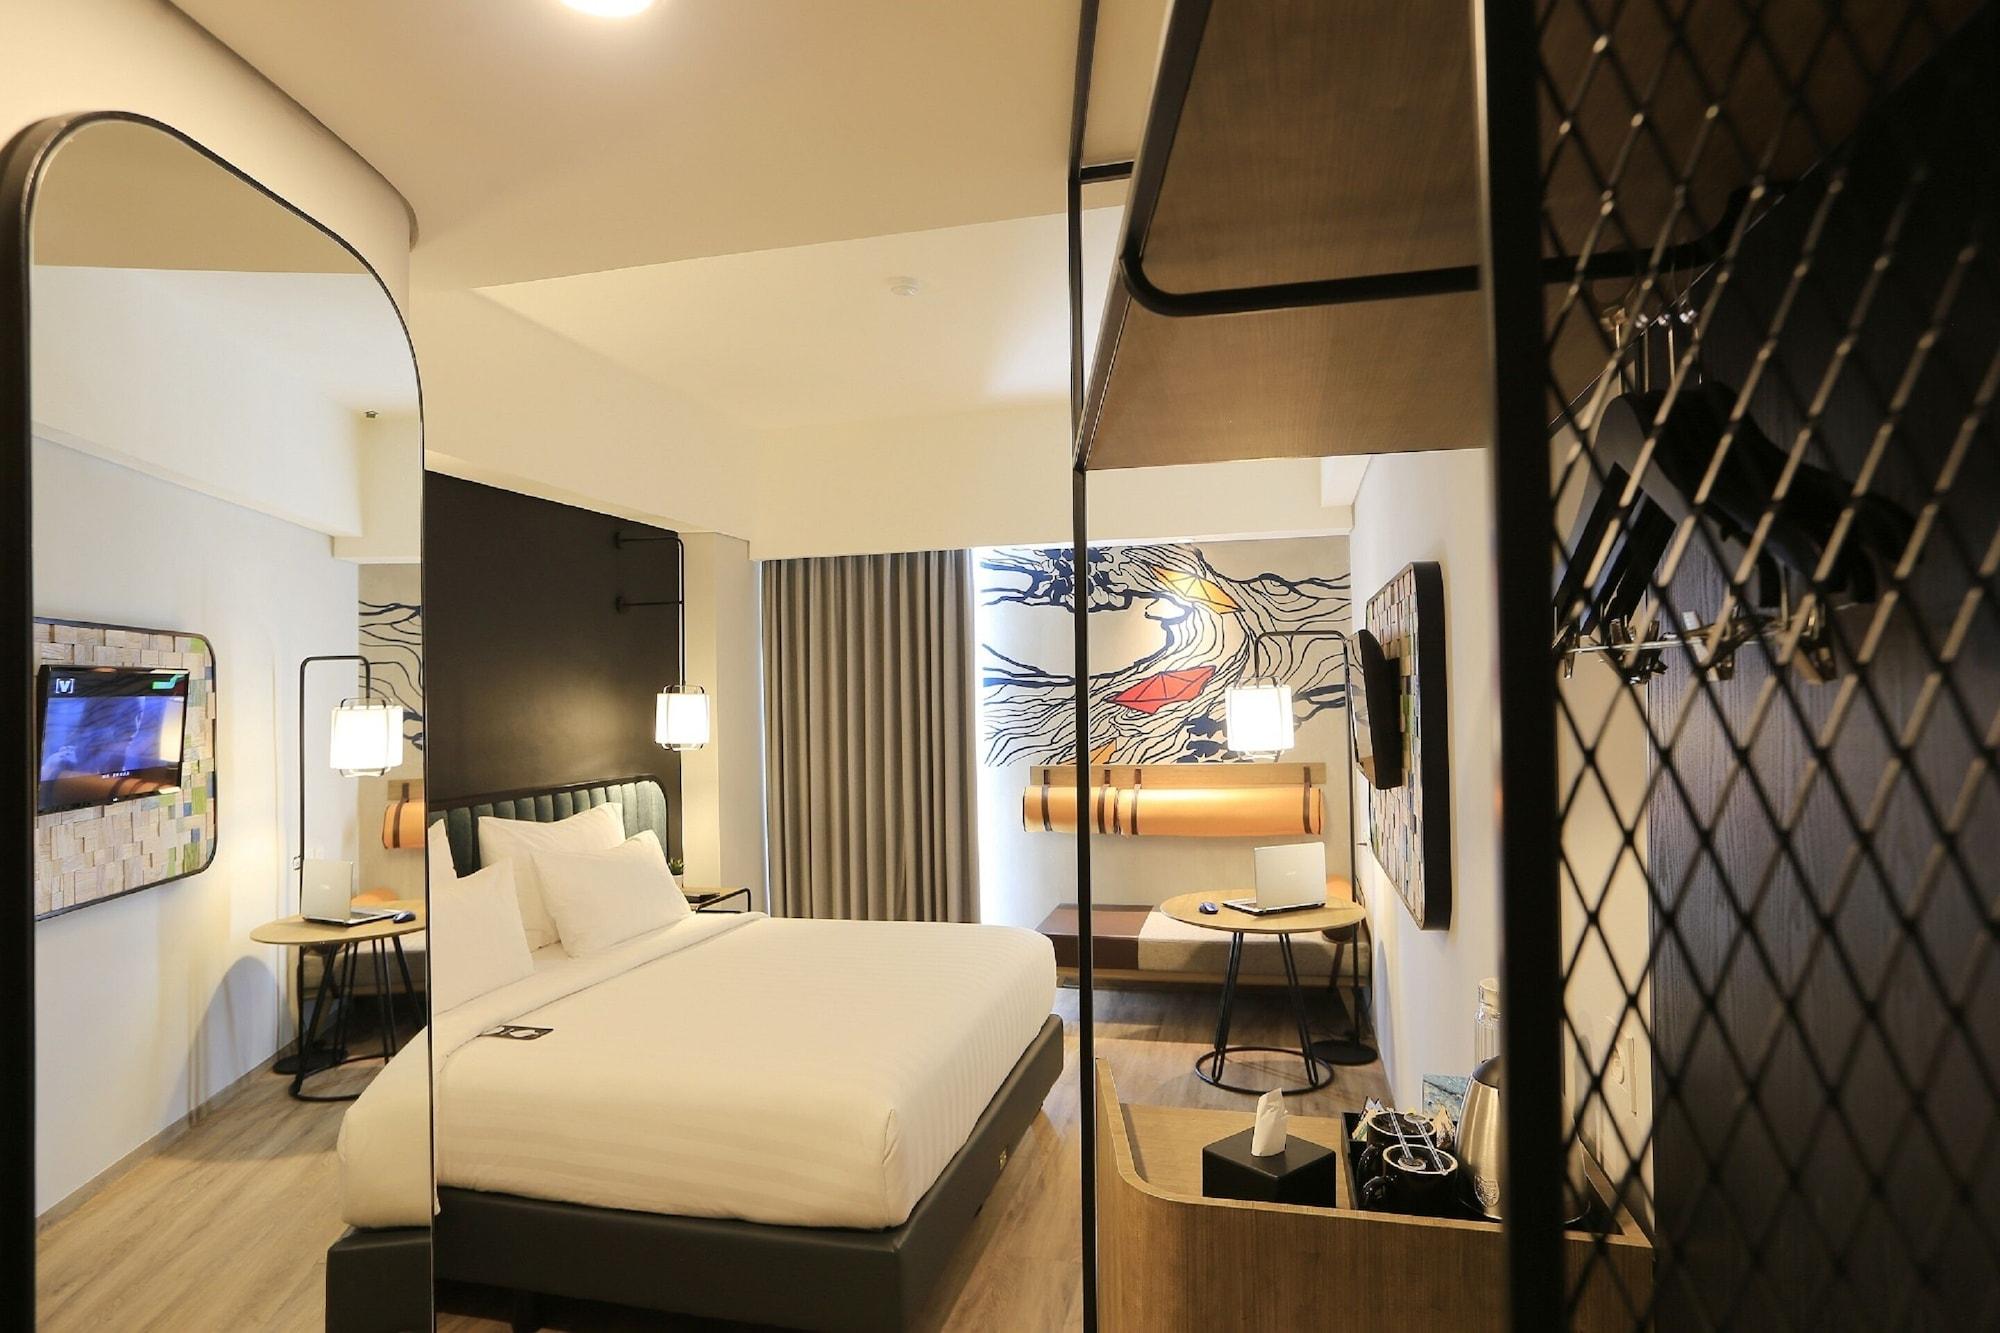 Luminor Hotel Purwokerto, Banyumas